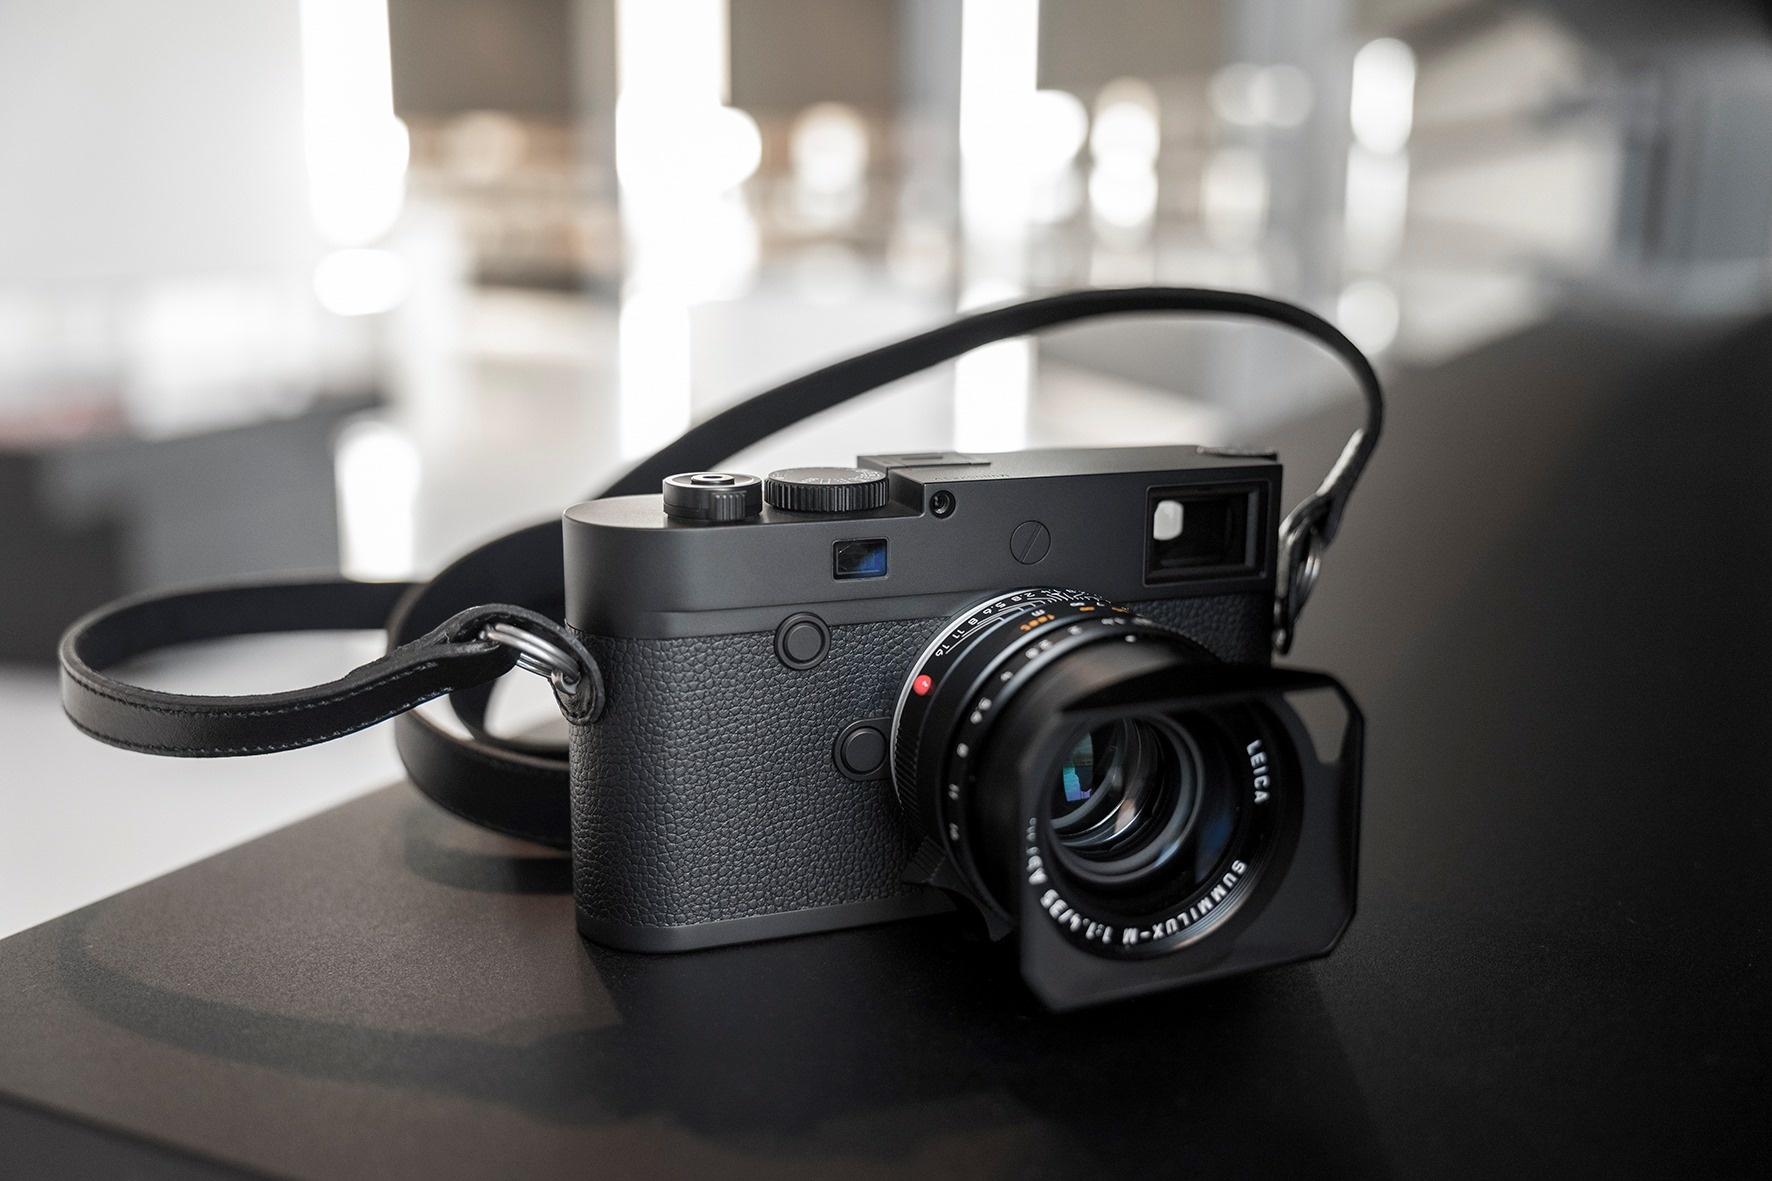 The Leica M10 Monochrom Camera